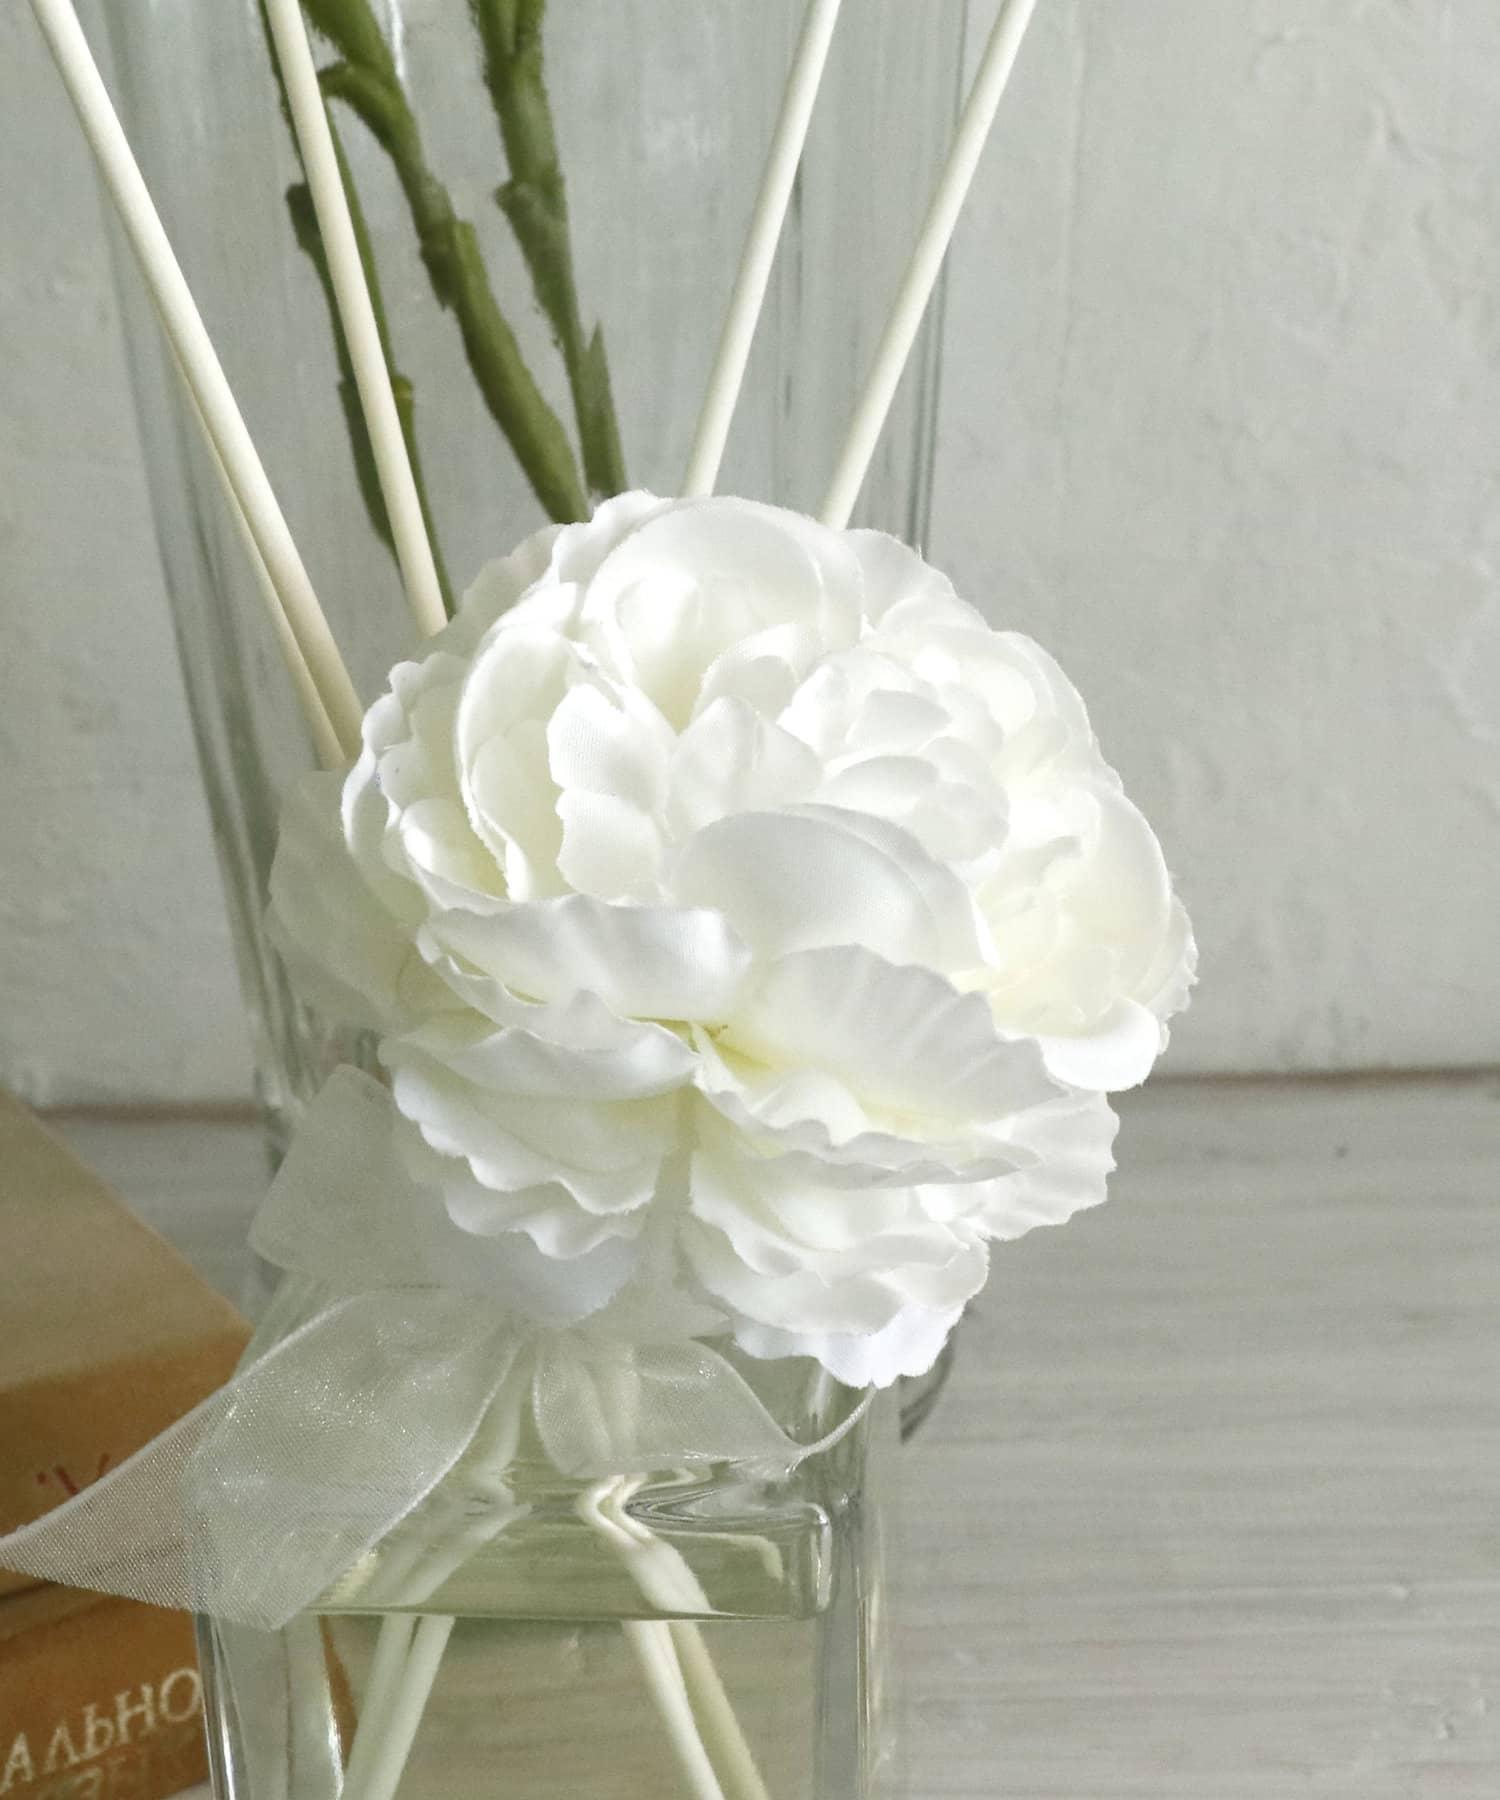 salut!(サリュ) ライフスタイル 【Welcome Decoration】ピオニースティック(ホワイト) ホワイト